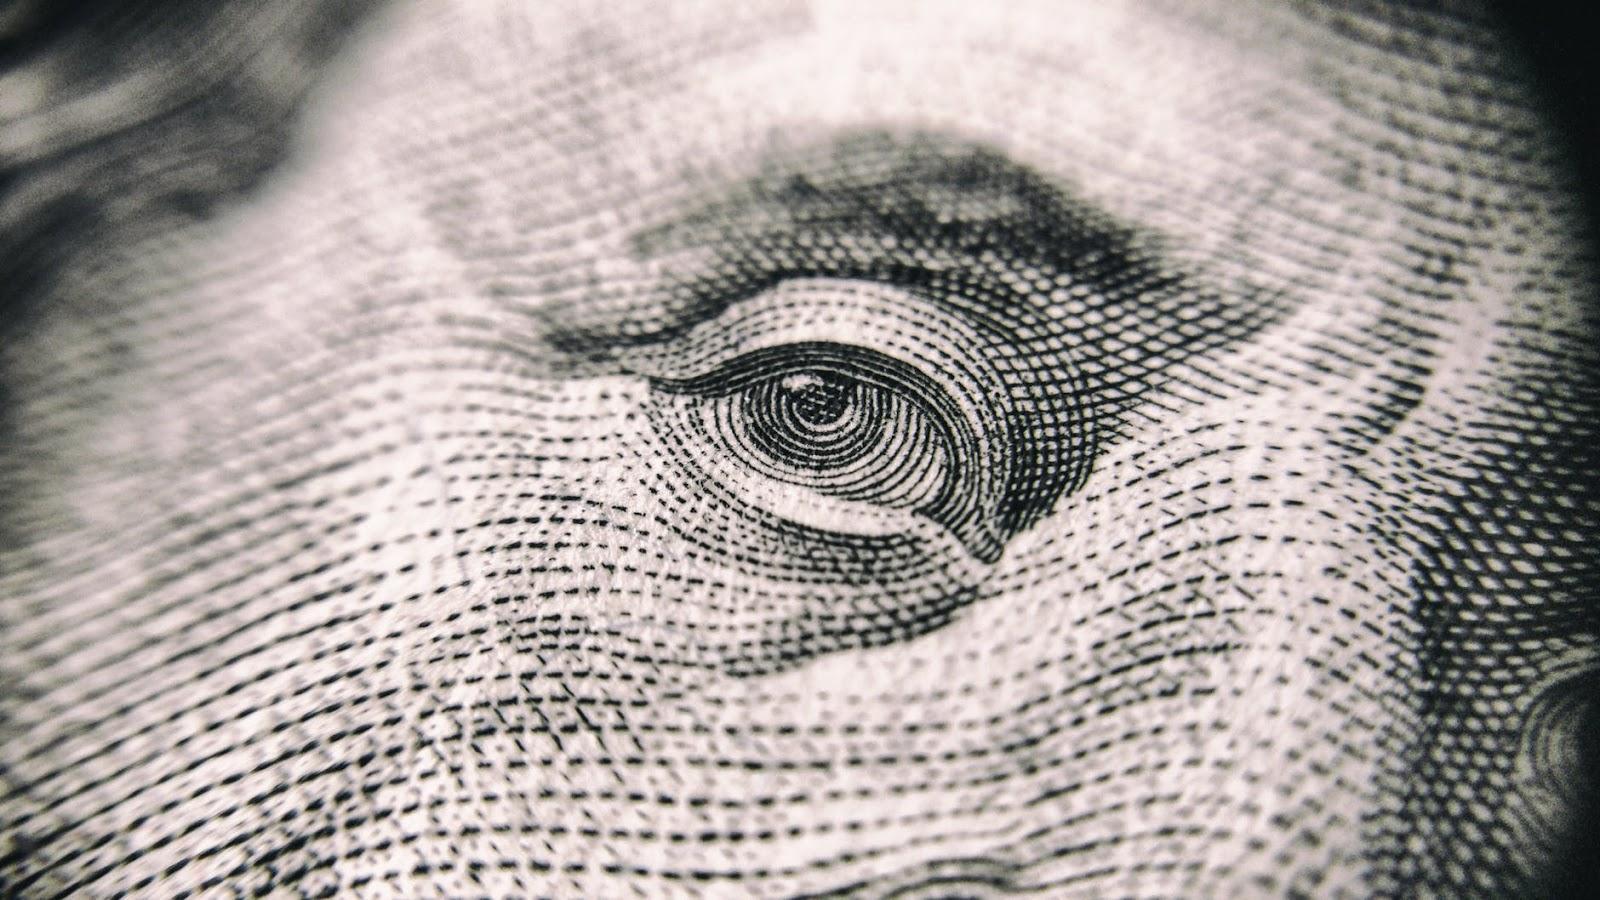 full-frame-shot-of-eye on dollar bill